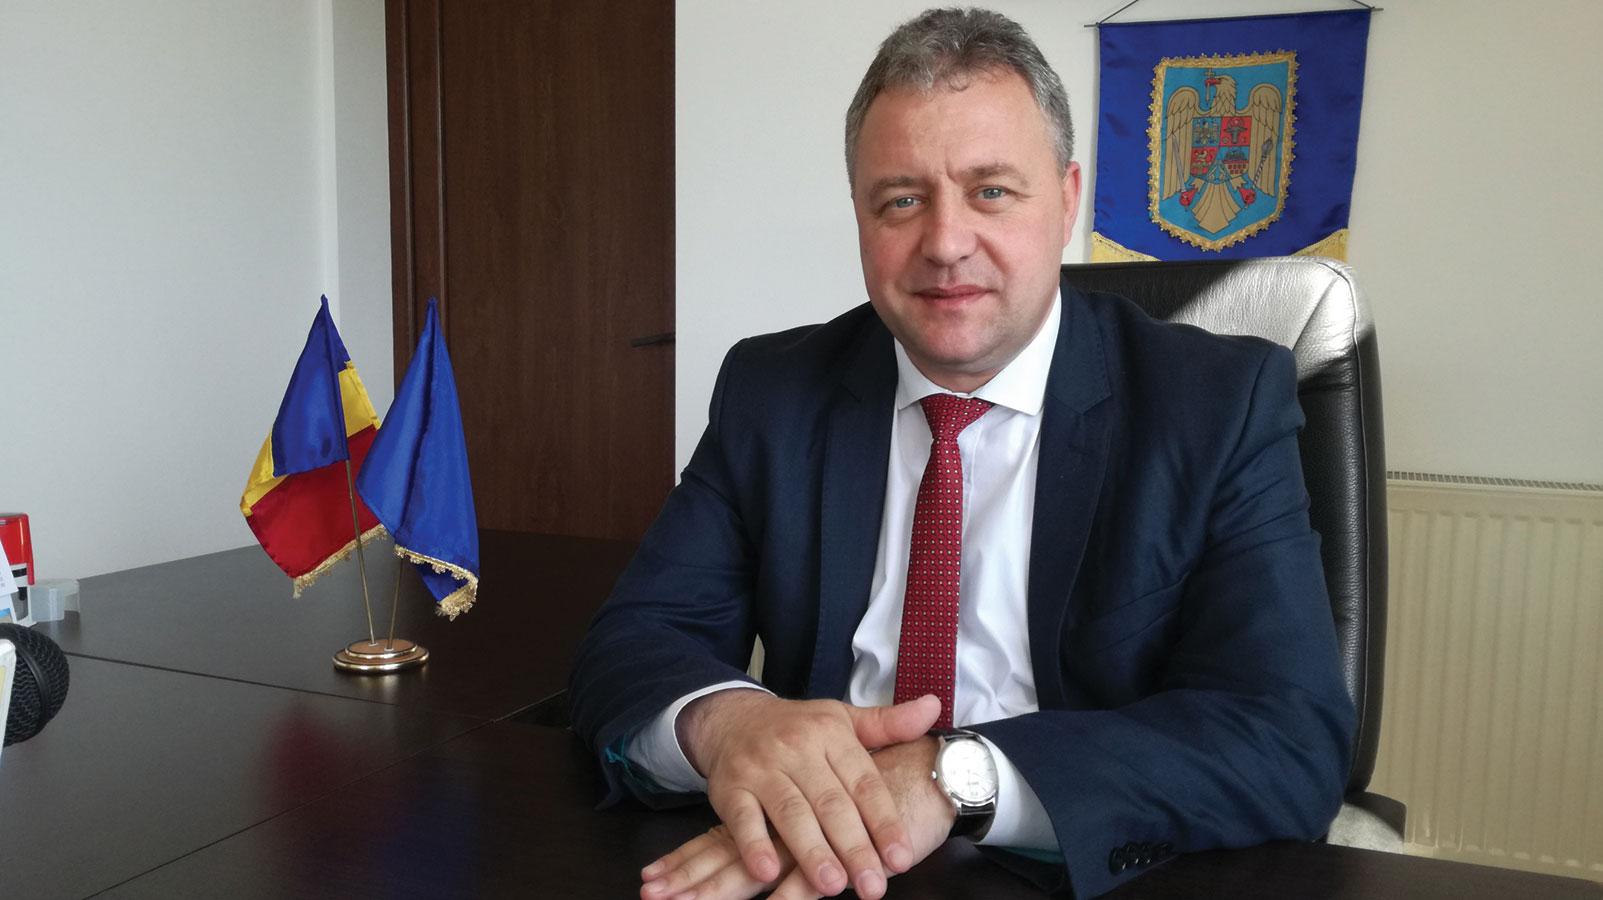 Primarul comunei Bălănești, Ovidiu Pungan, mereu pus pe treabă